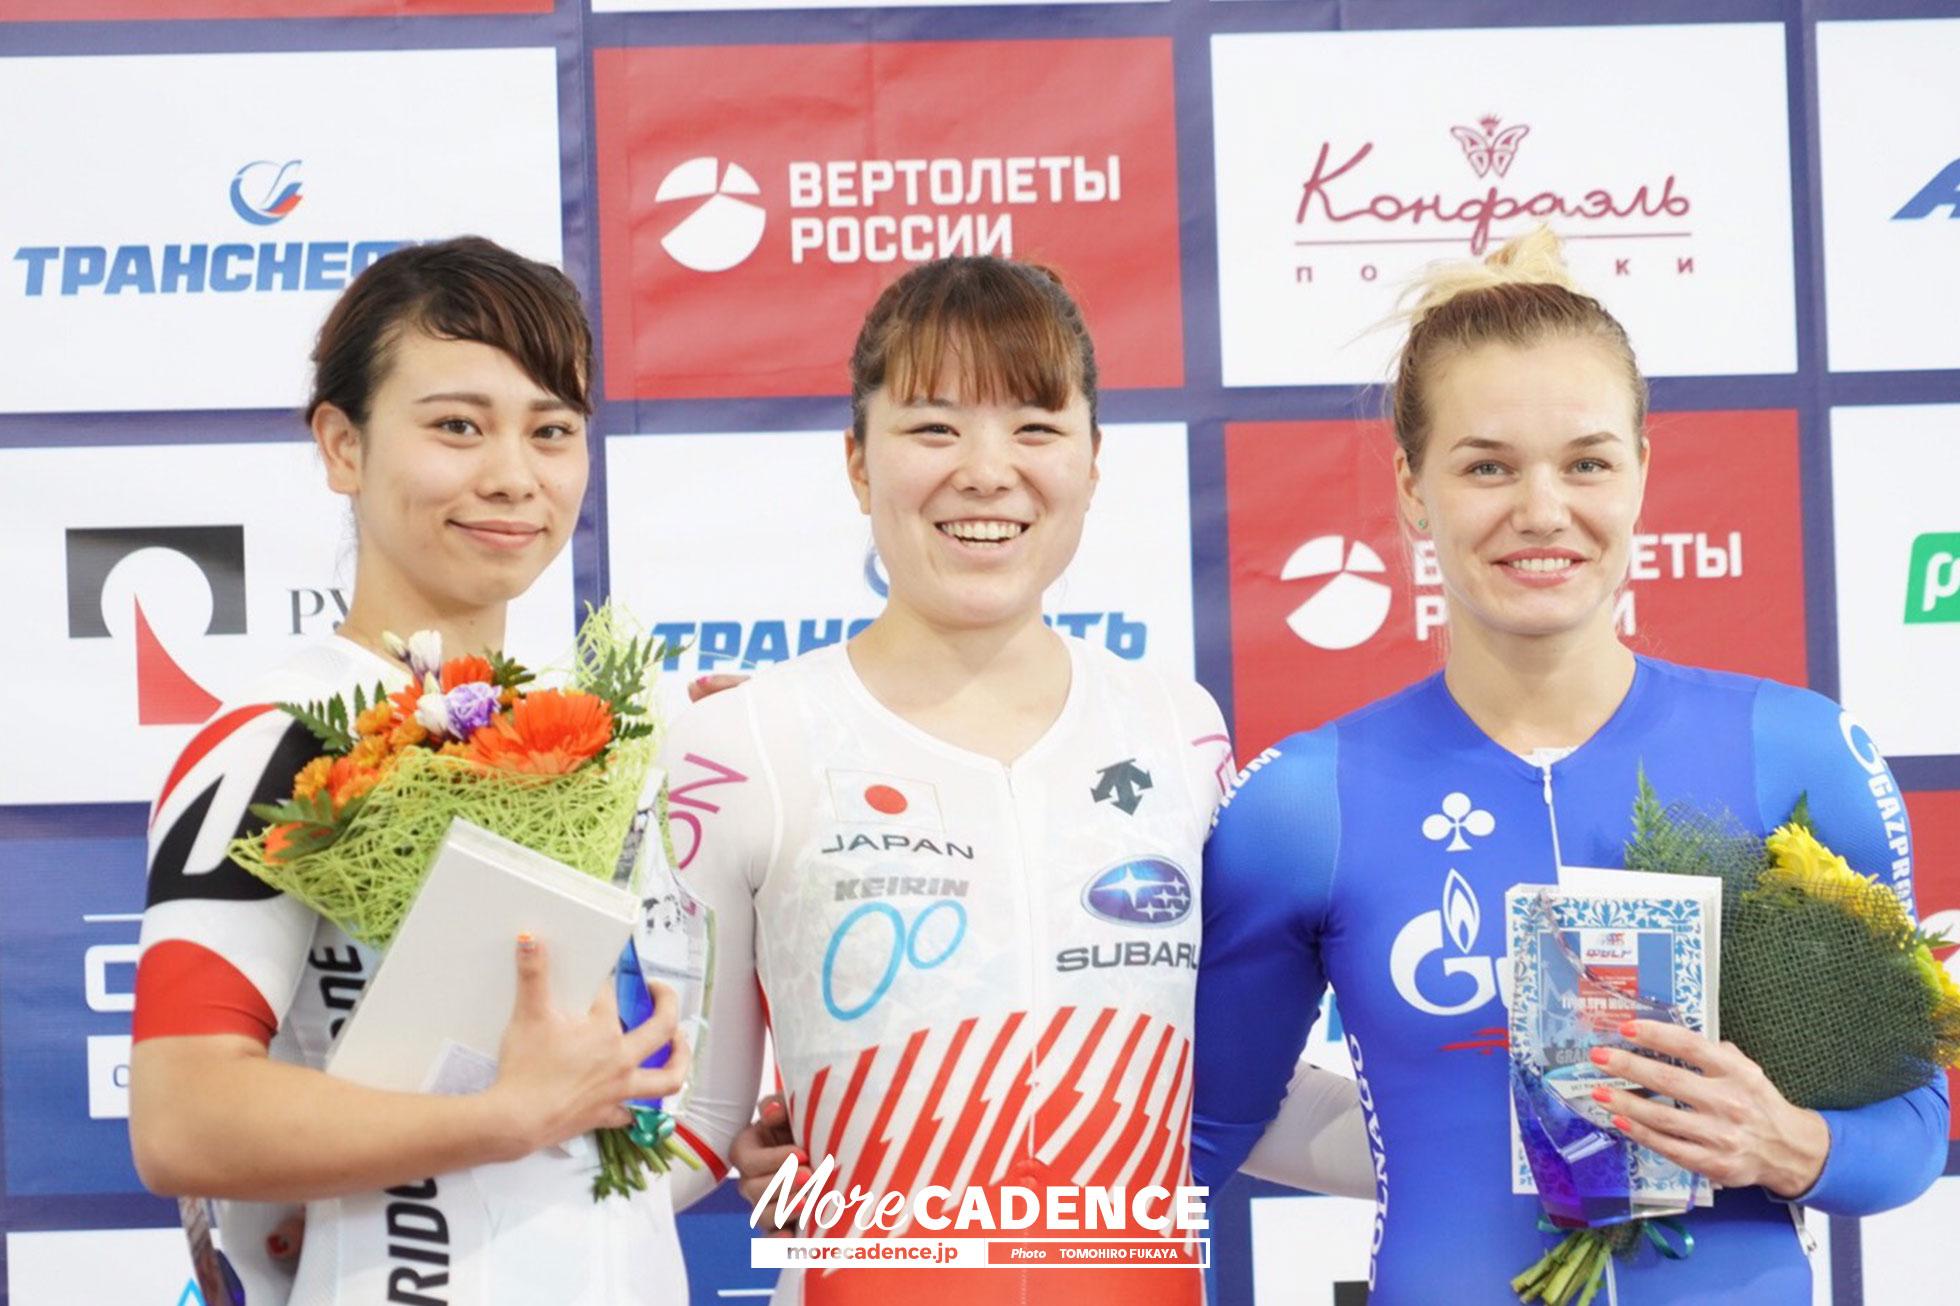 優勝:小林優香、2位:太田りゆ、3位:アナスタシア・ボイノワ